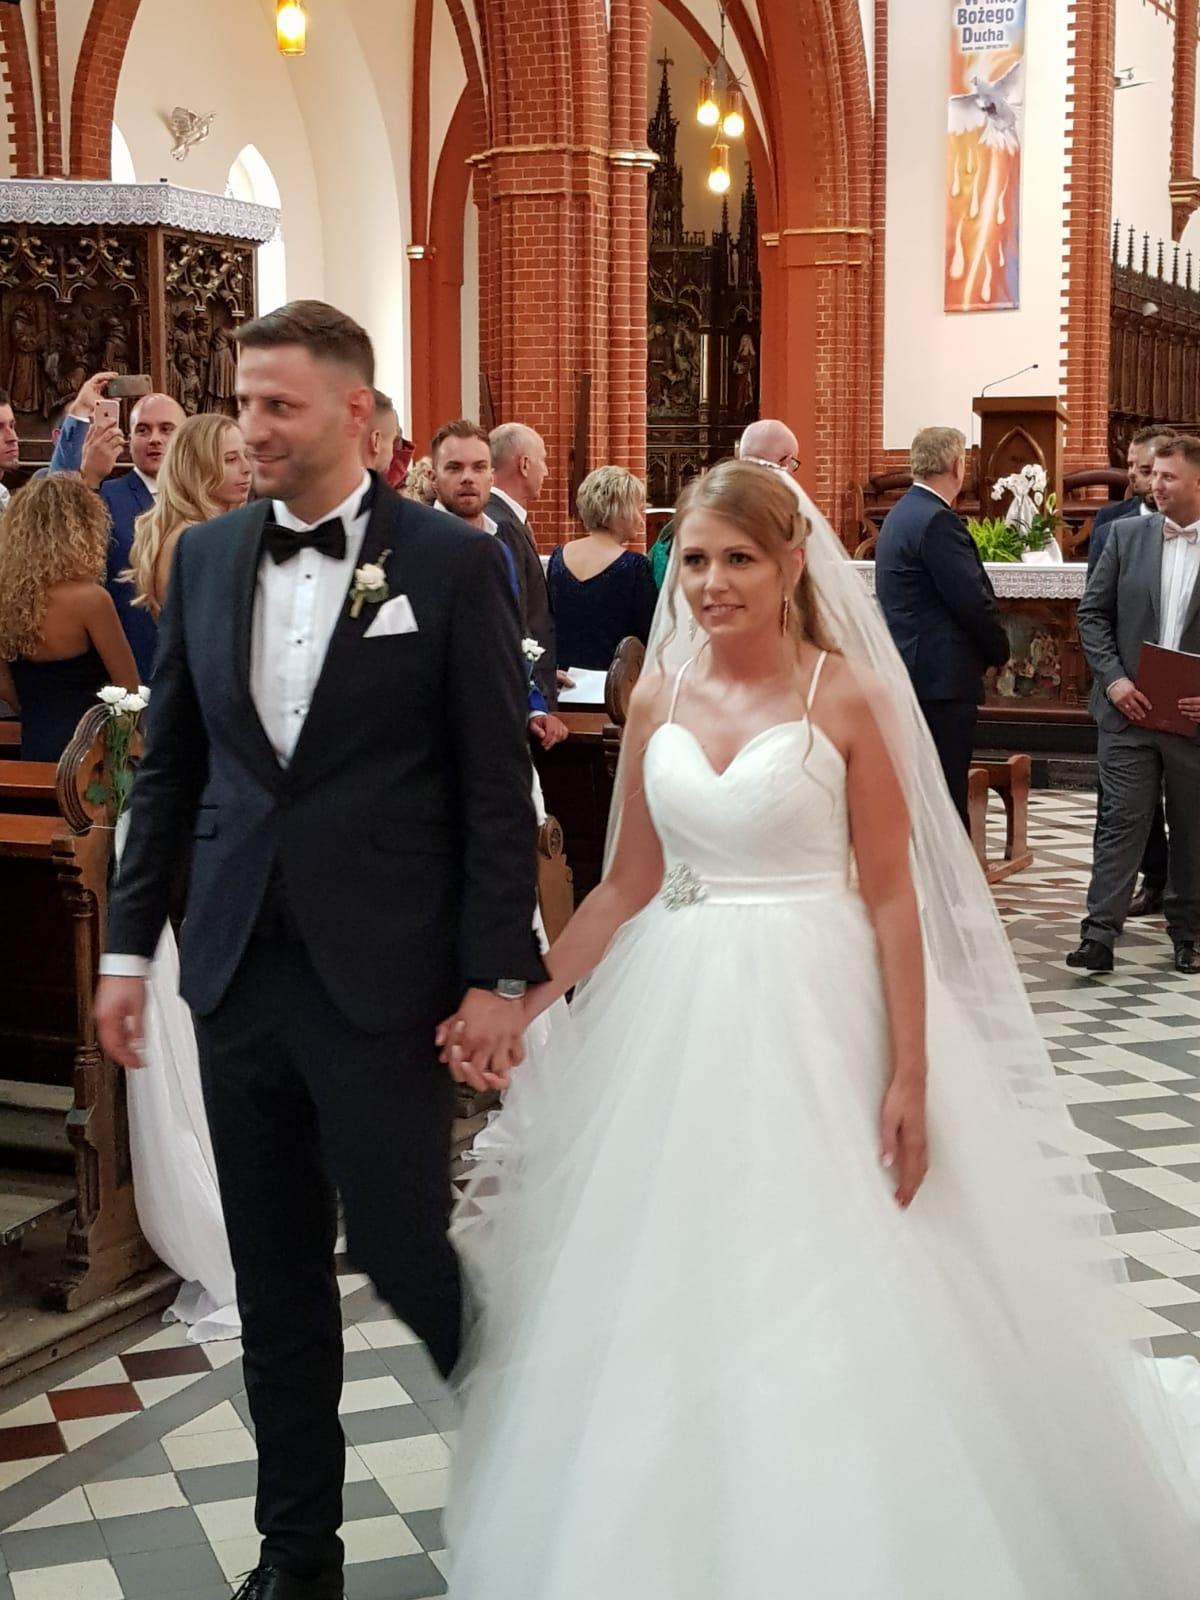 Nicole-und-Oliver-2019-08-24-0B